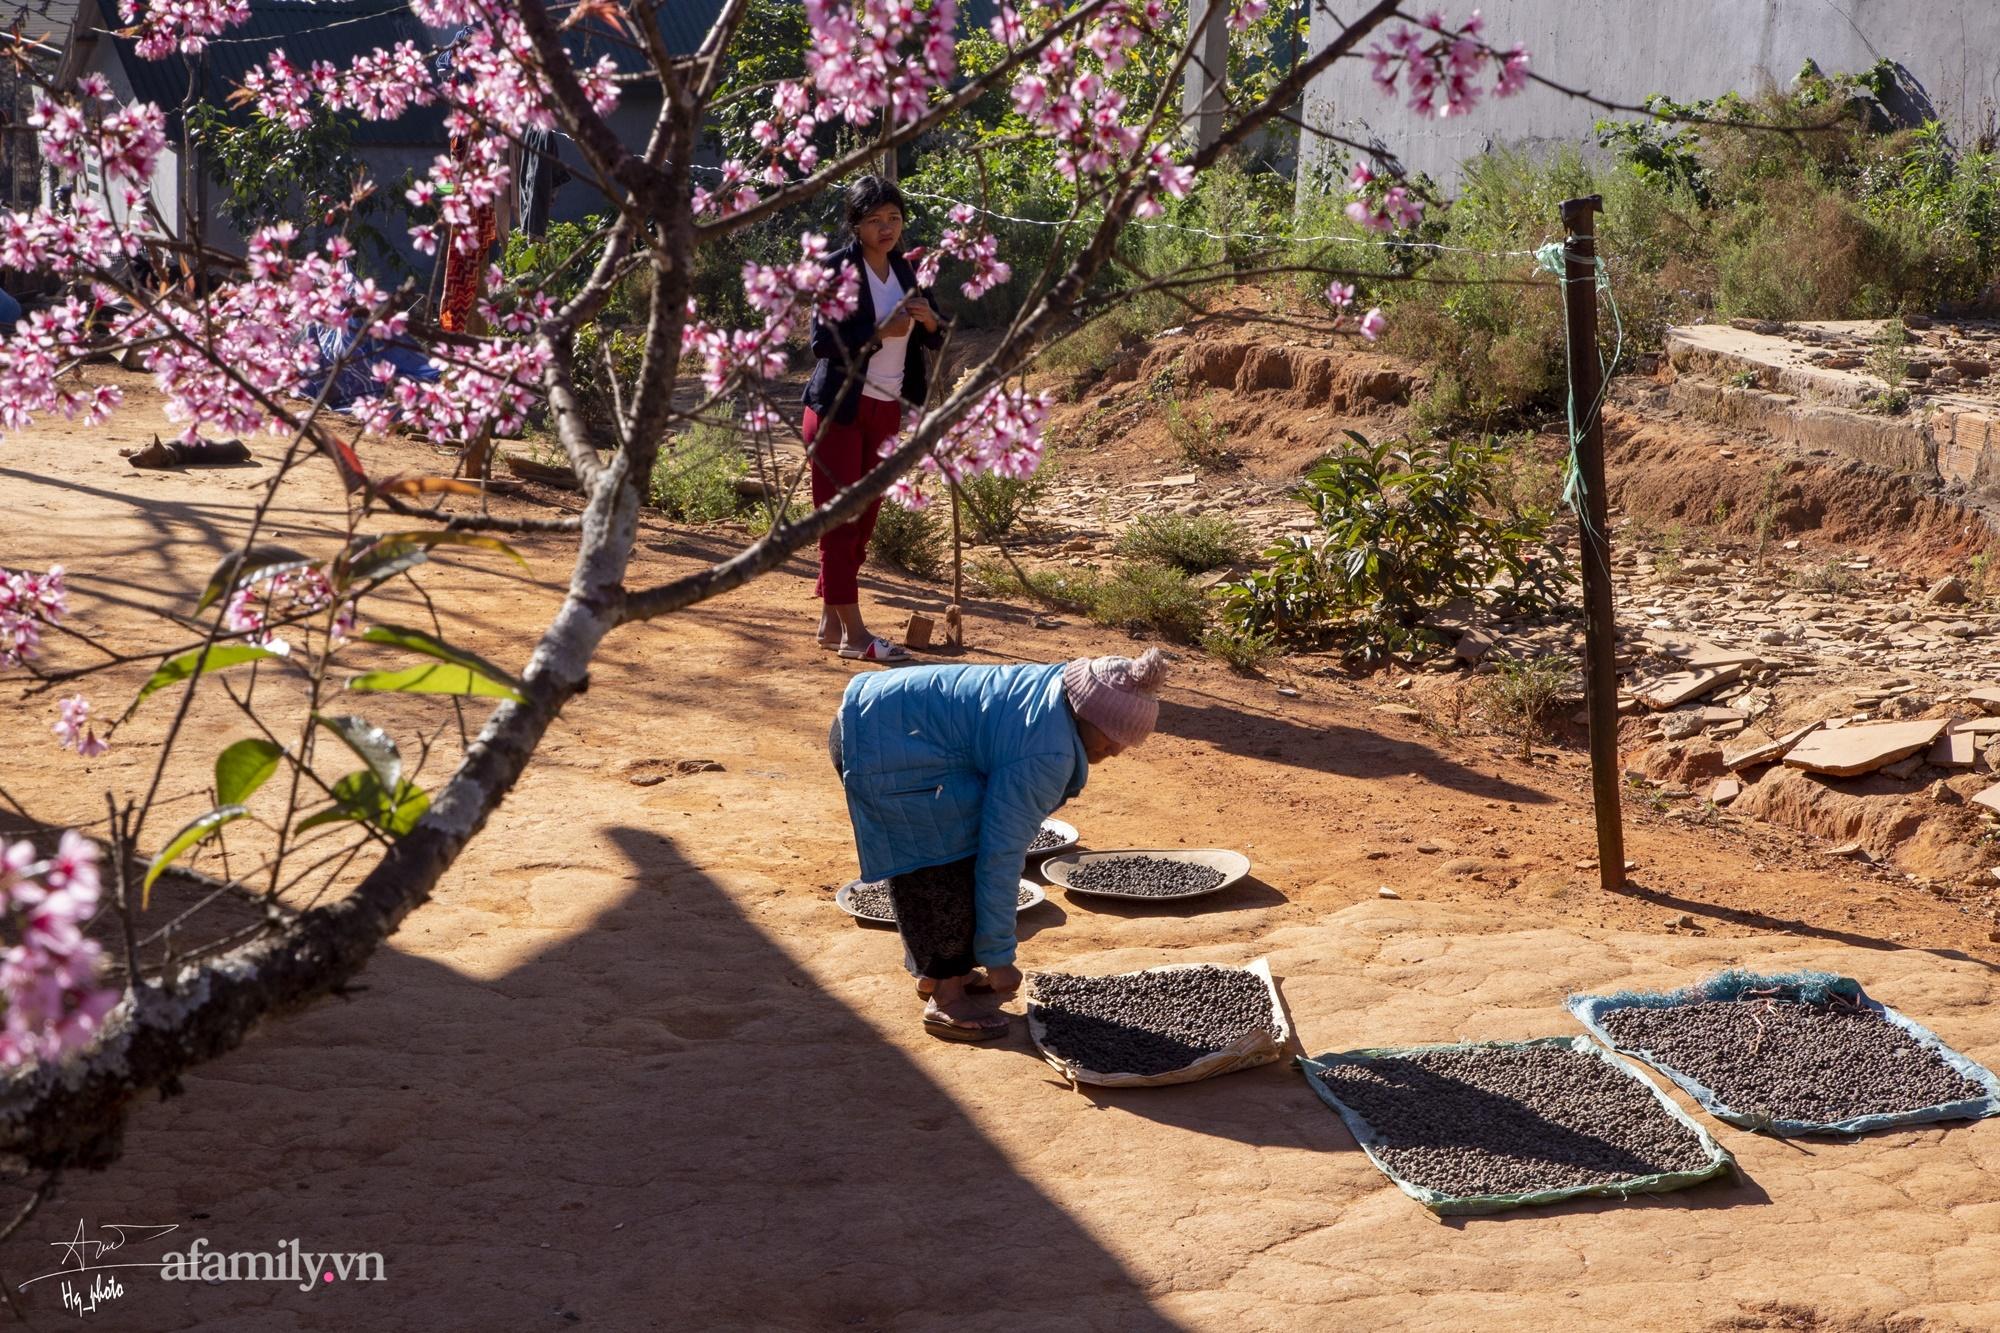 Ngắm hoa mai anh đào nở rợp trời ở ngôi làng đẹp lạ như Tây Tạng, nằm ngay gần trung tâm TP. Đà Lạt mà không phải ai cũng biết - Ảnh 10.